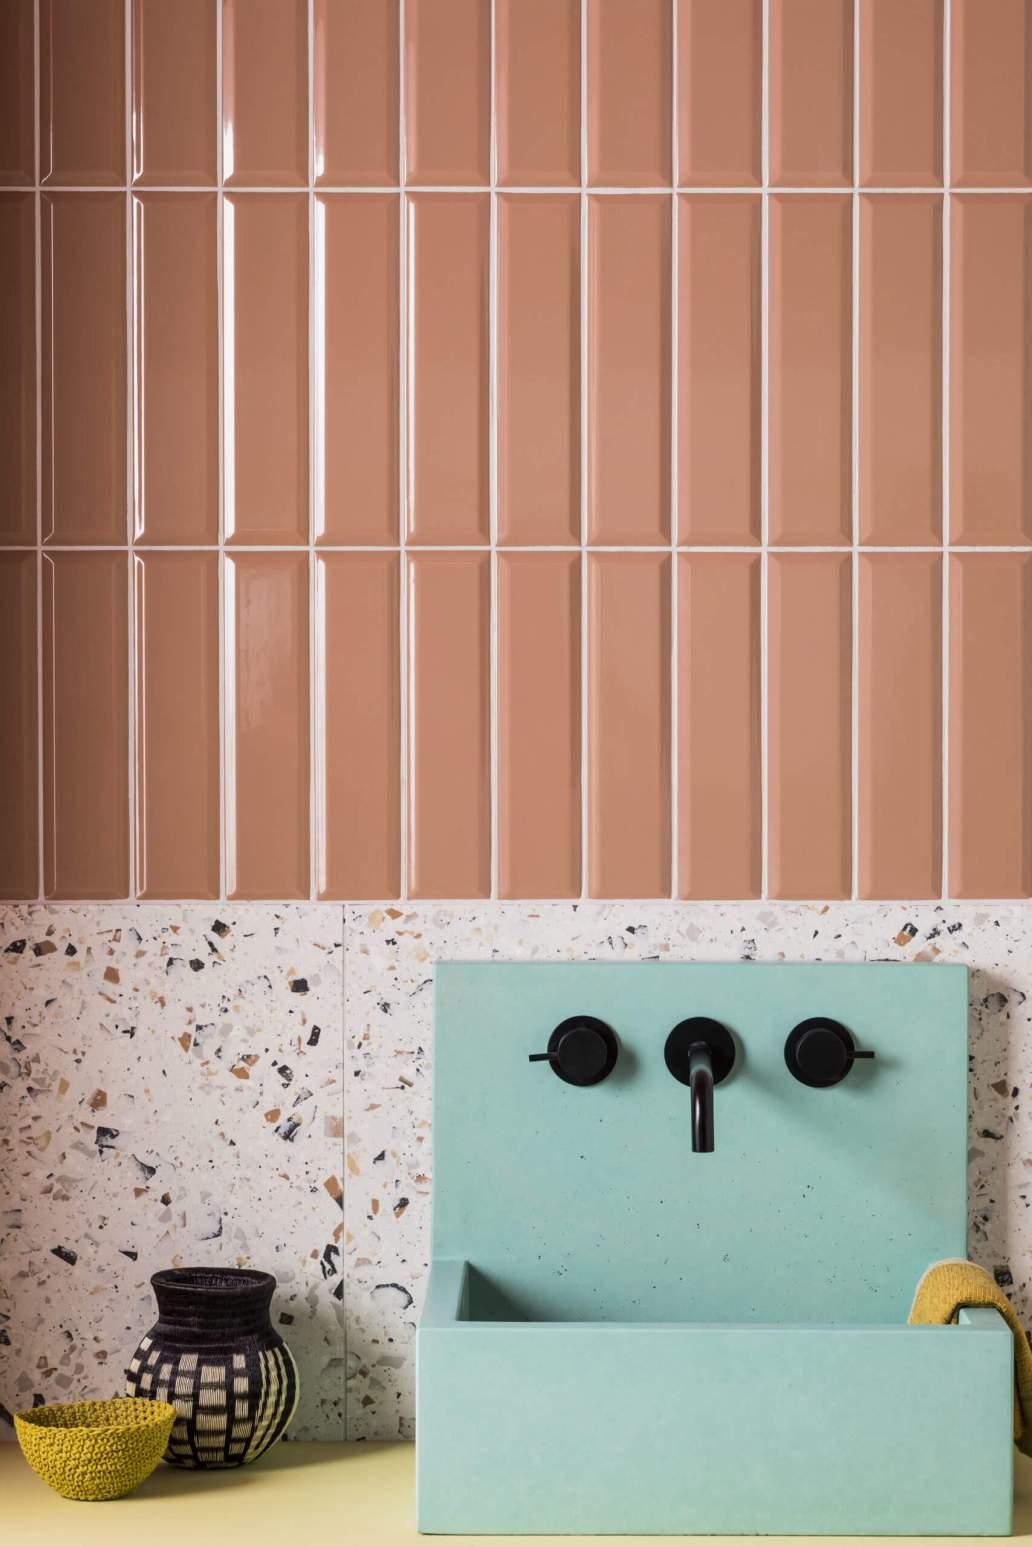 meuble vasque avec vasque design bleu et carrelage terrazzo 1366x2048 - Douche ou baignoire, faire un choix pour la salle de bain